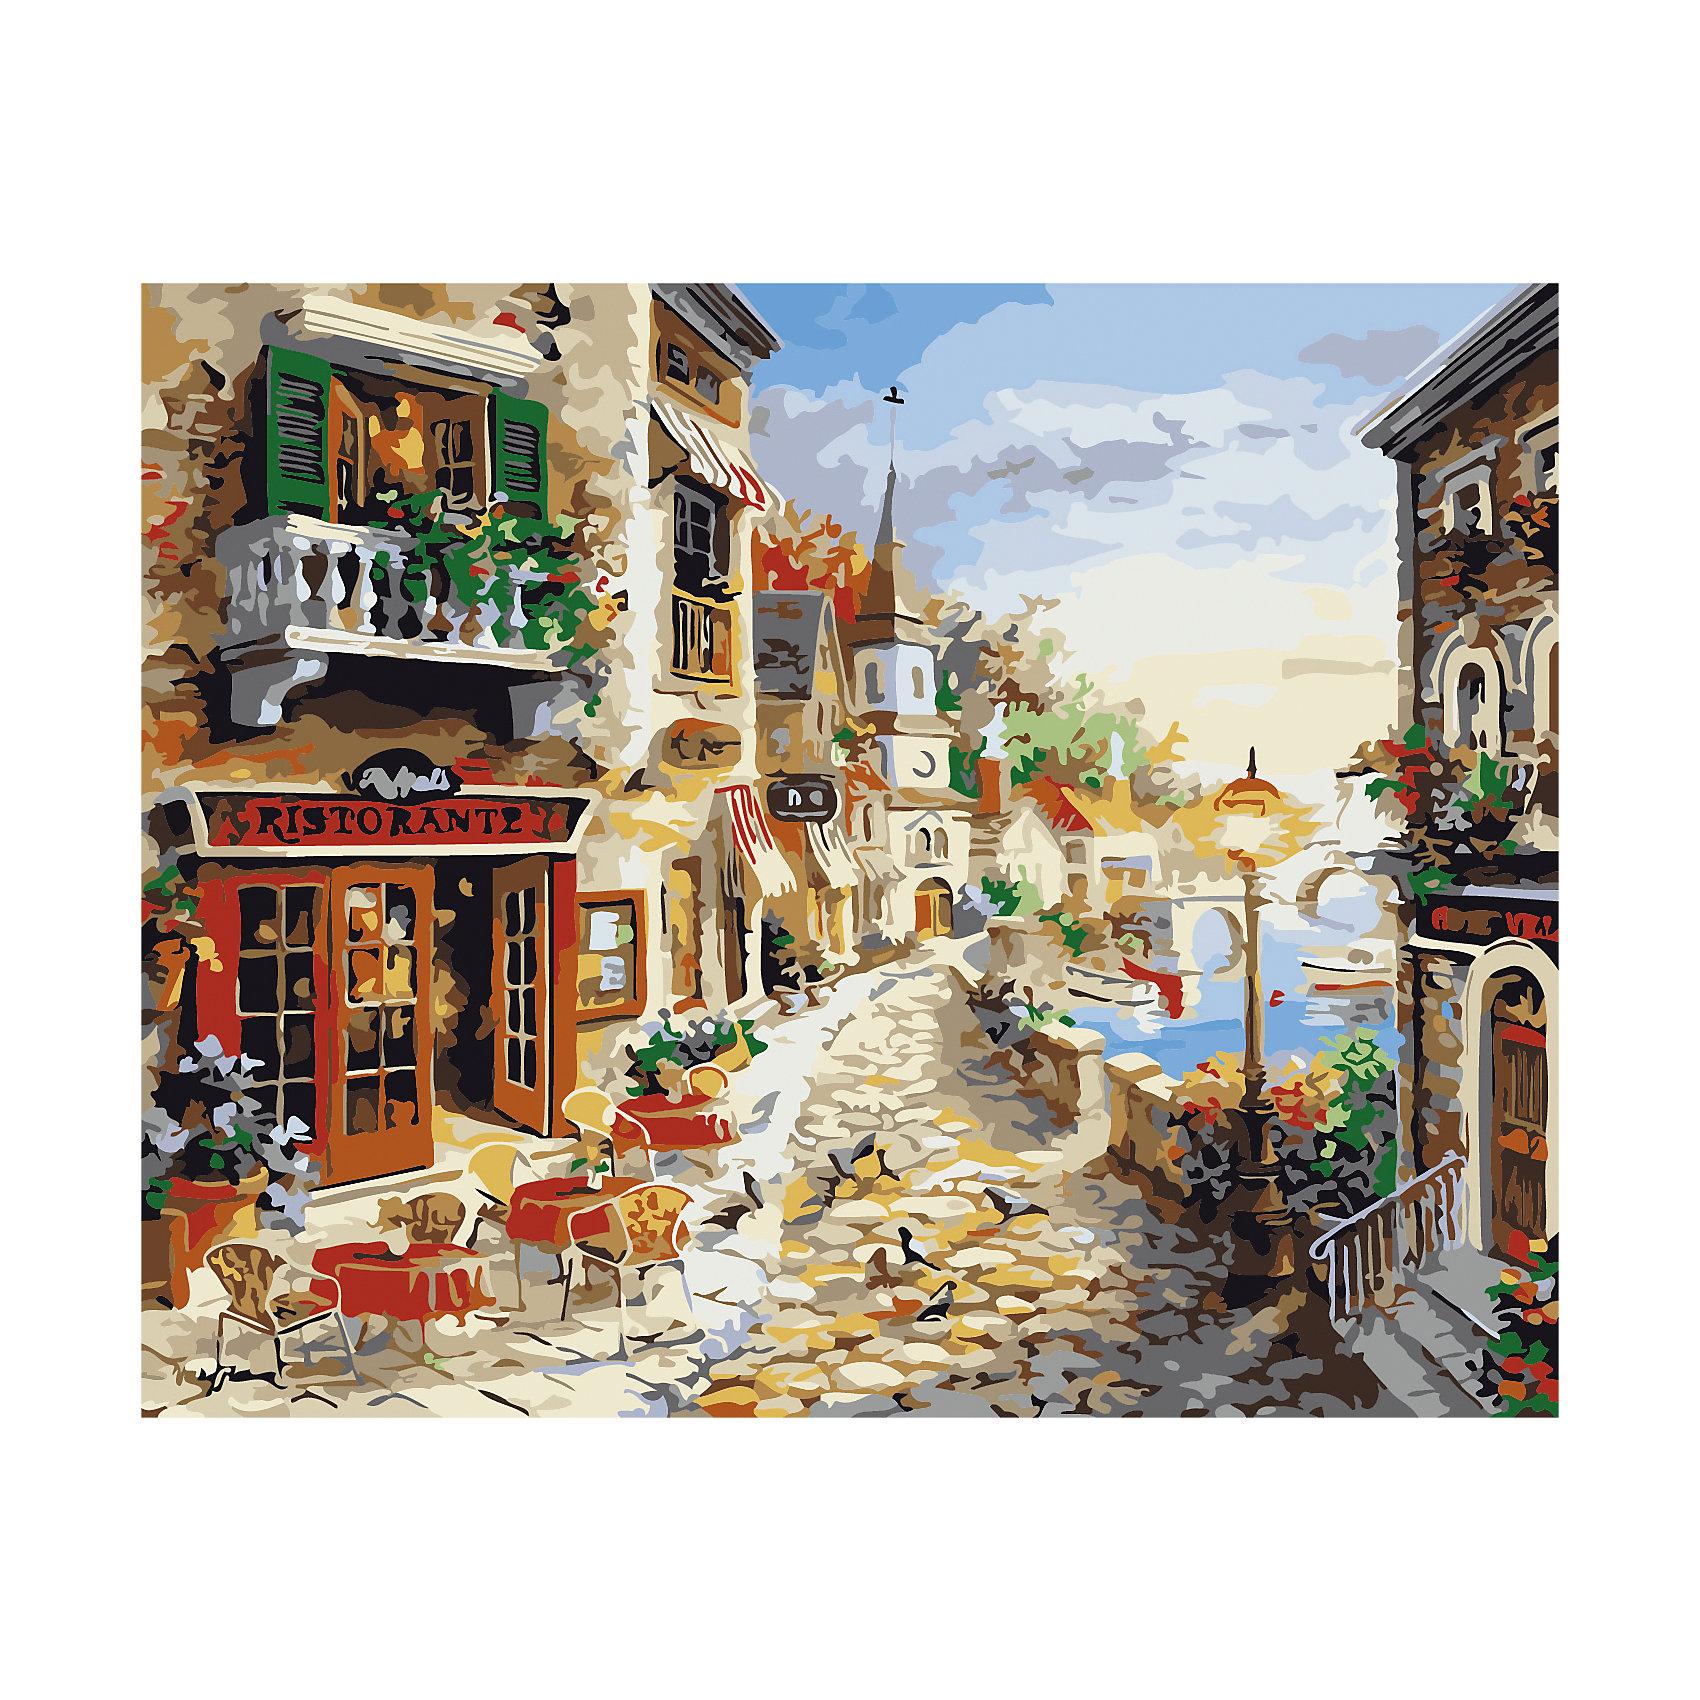 TUKZAR Роспись по номерам Итальянская набережная 40*50 см tukzar роспись по номерам вечерняя набережная 40 50 см